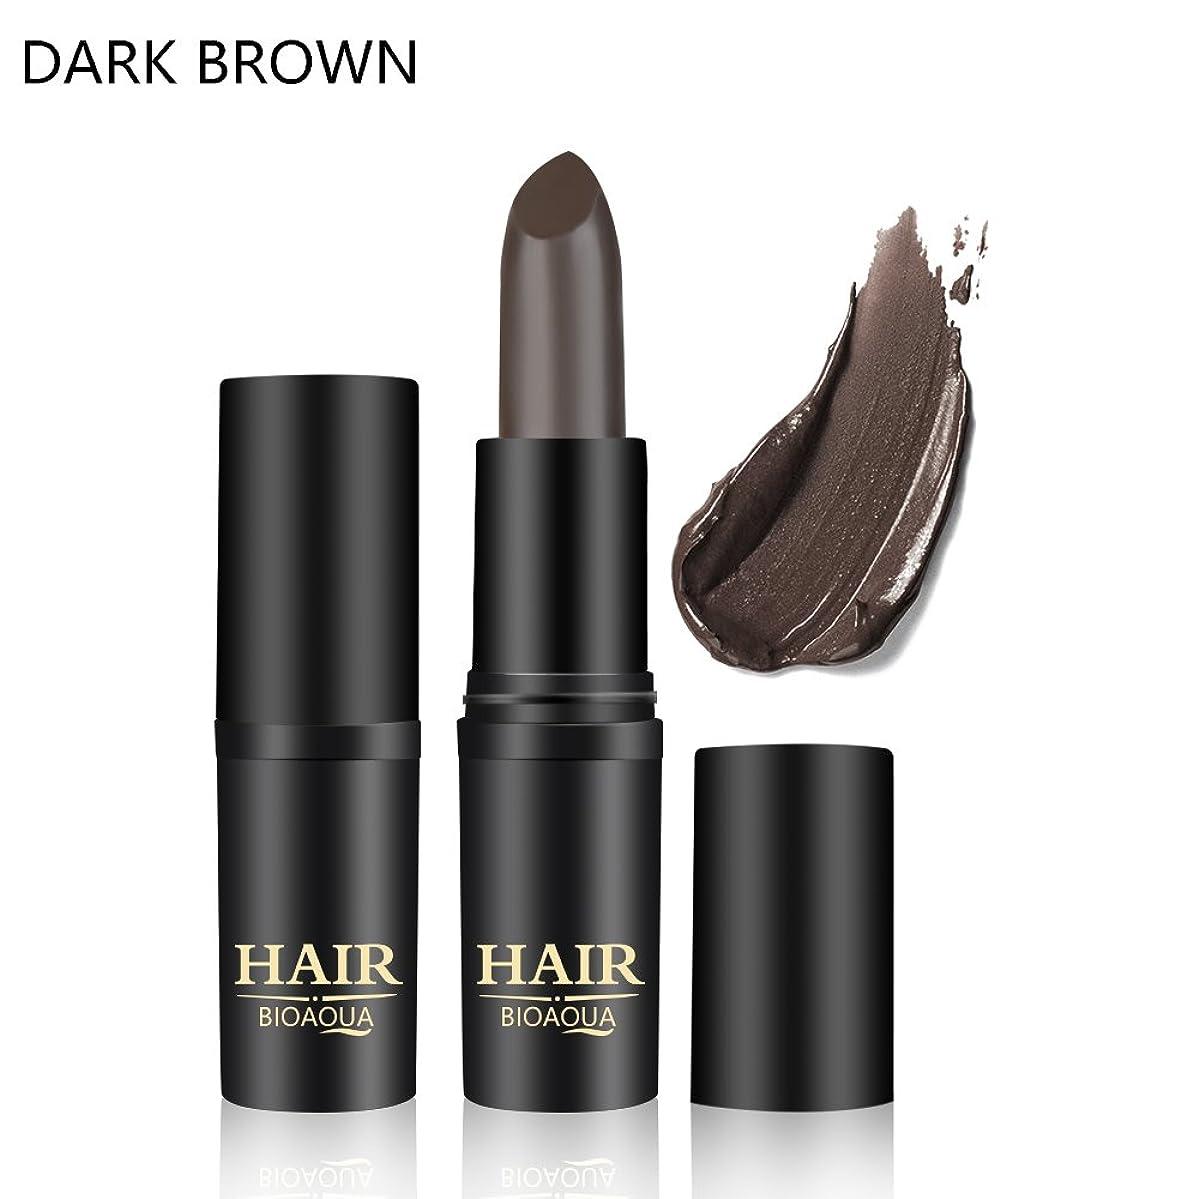 新年急いで下向き[BROWN] 1PC Temporary Hair Dye Cream Mild Fast One-off Hair Color Stick Pen Cover White Hair DIY Styling Makeup Beauty Tools